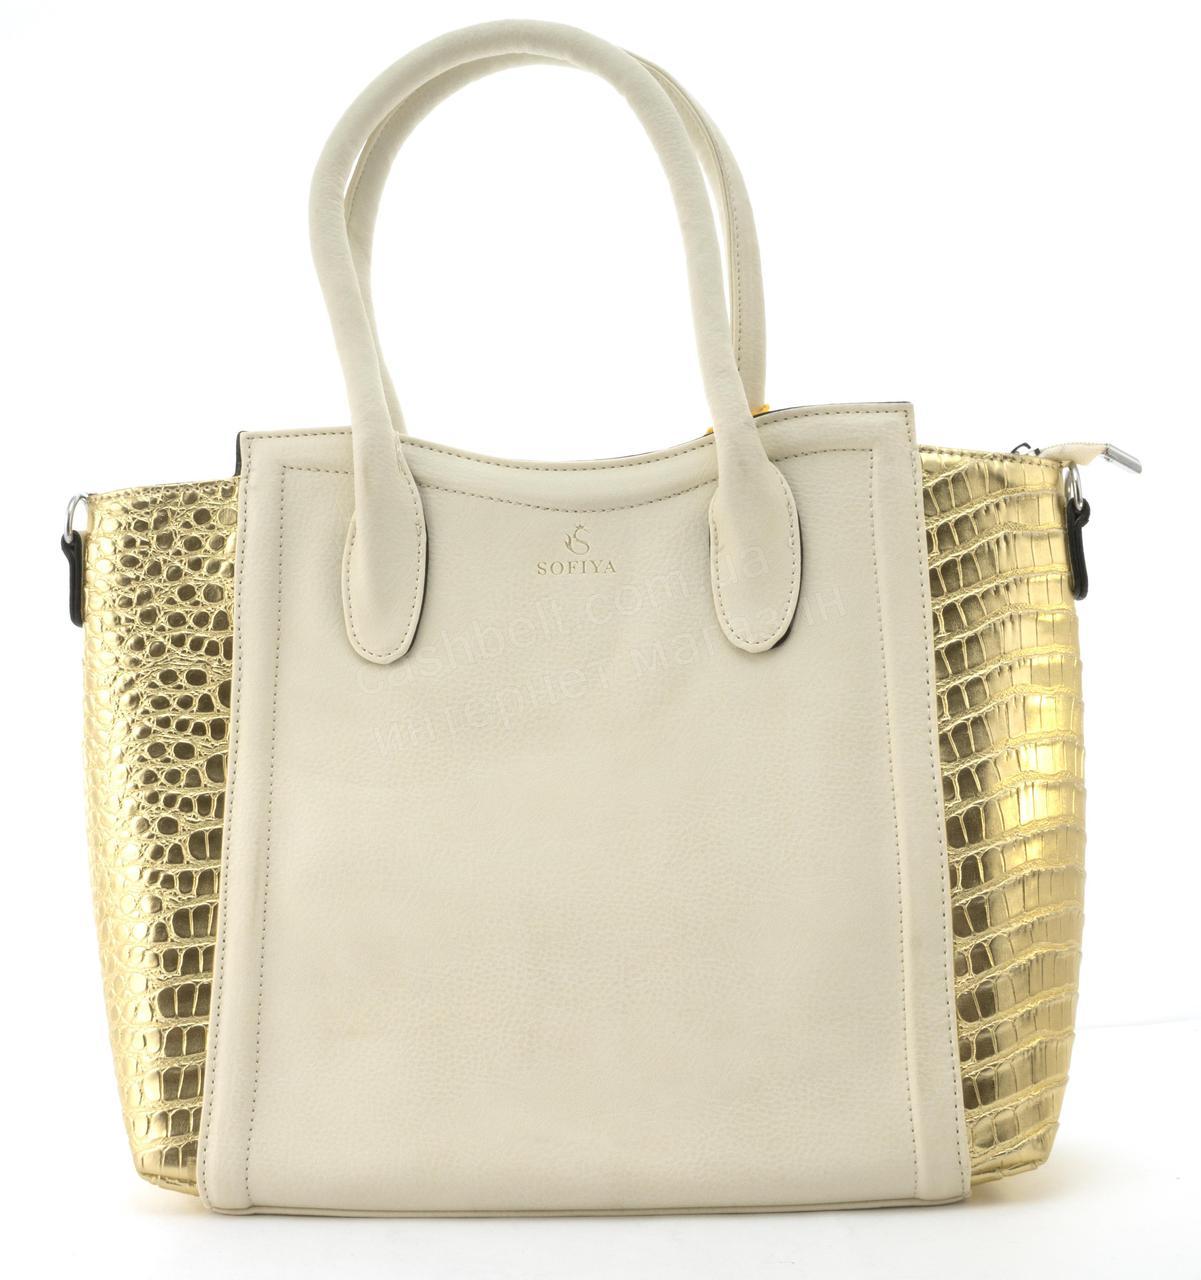 Вместительная прочная модная сумка из эко кожи высокого качества  art. 6024 бежевая/золото